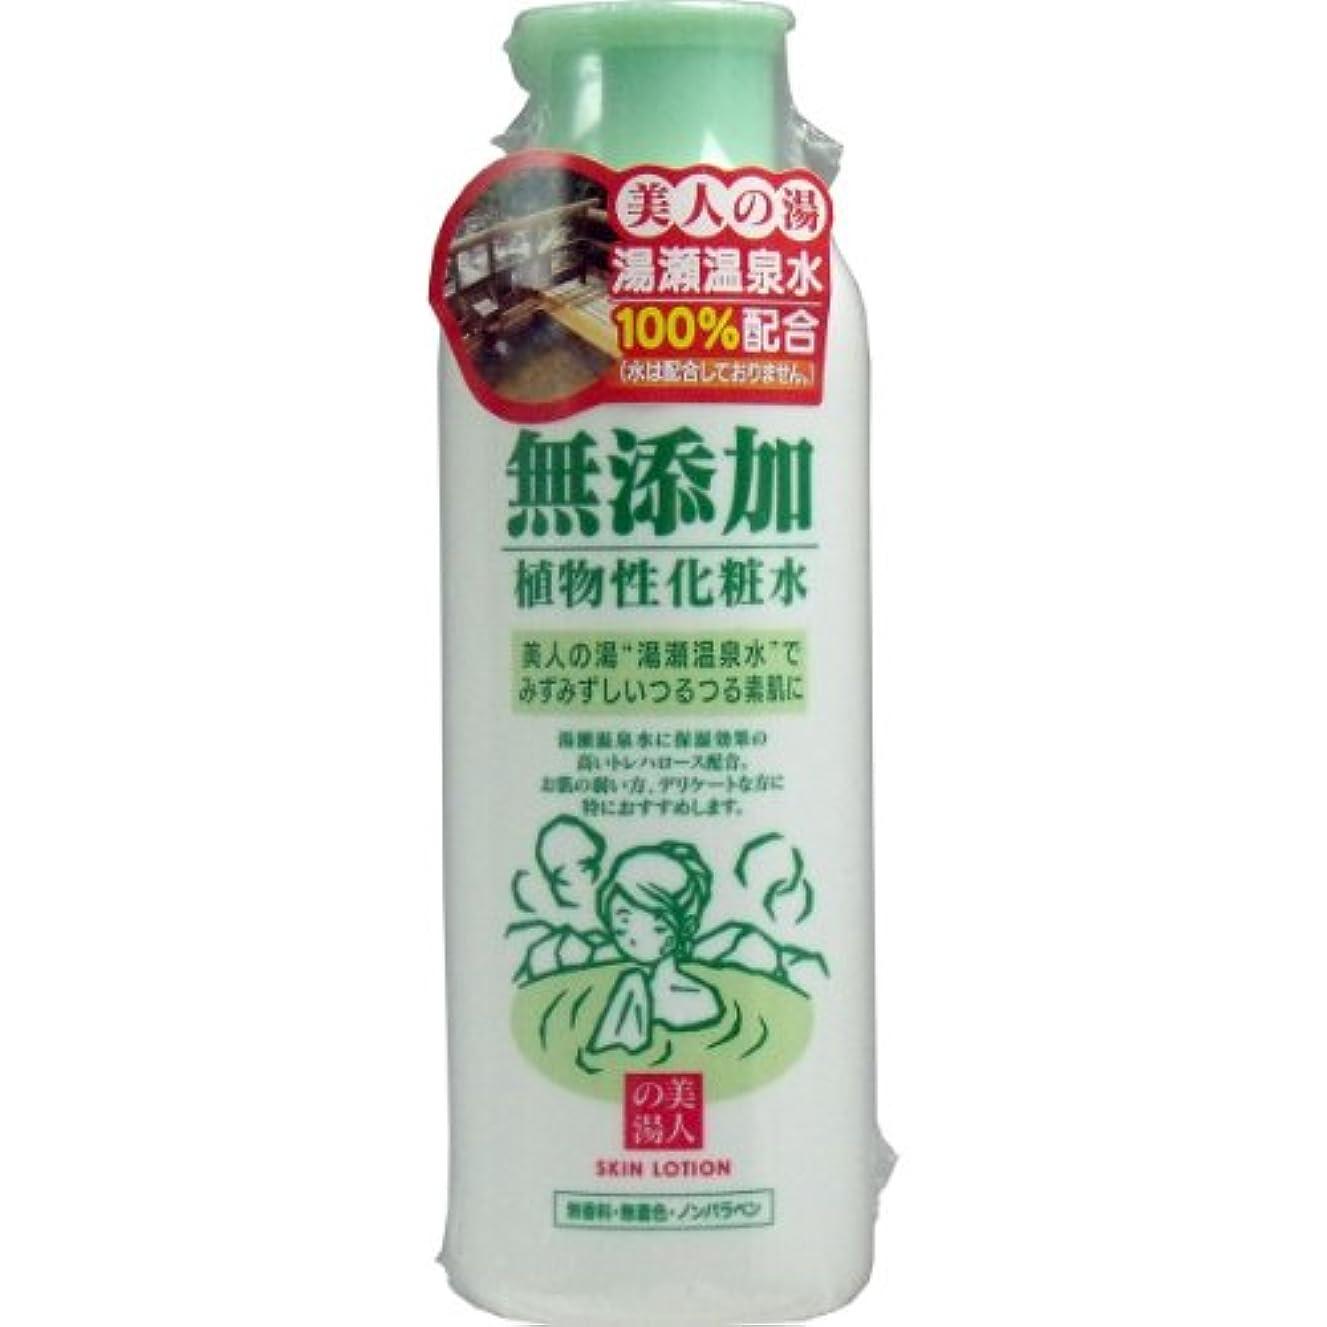 素人無効にする大型トラックユゼ 無添加植物性 化粧水 200ml 【3セット】